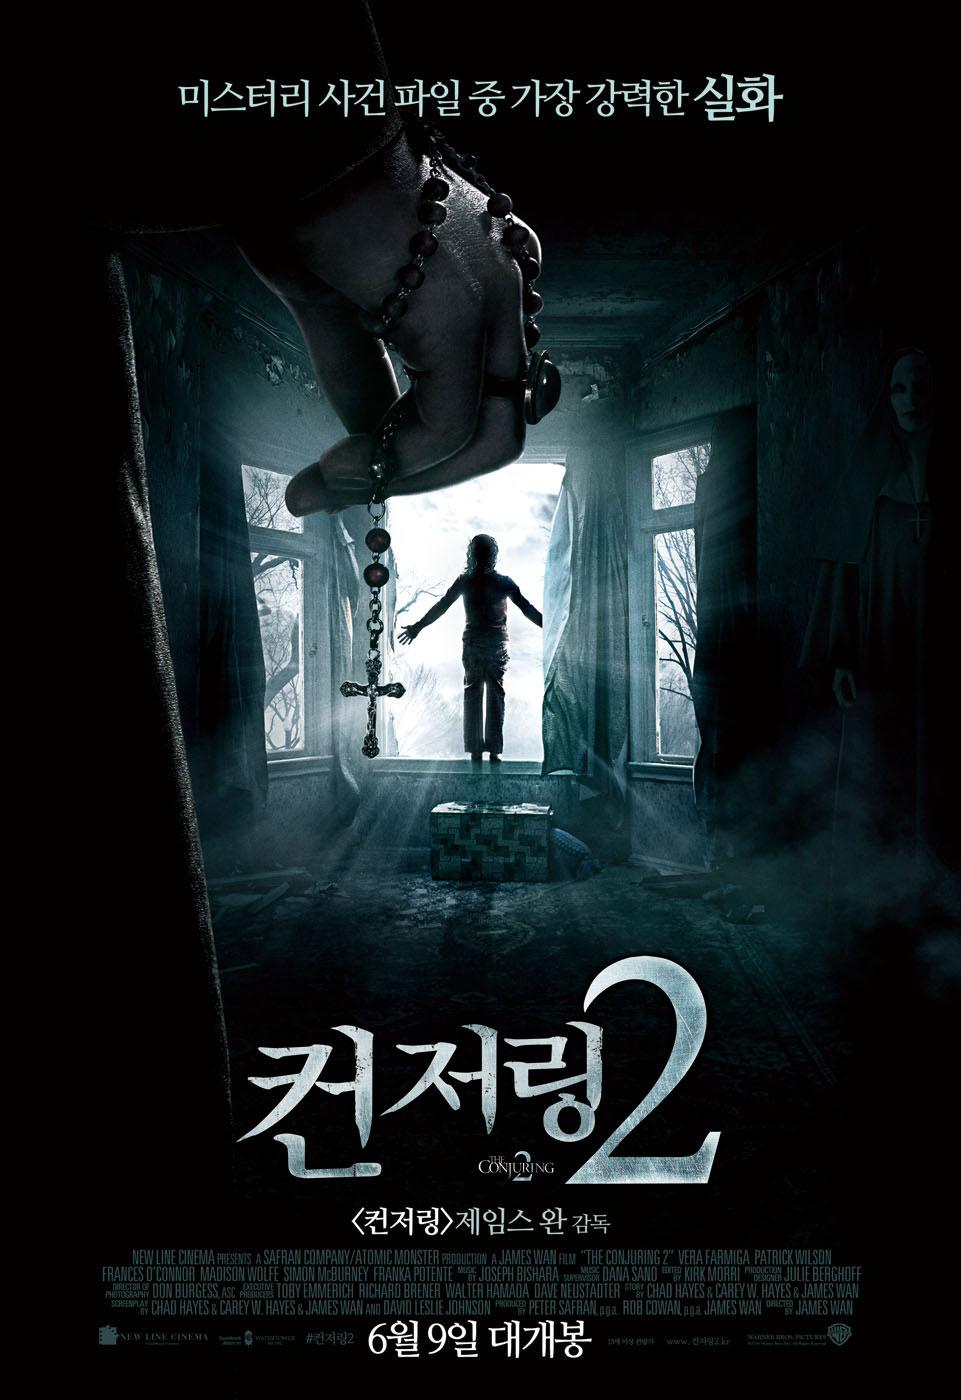 컨저링 2 (The Conjuring 2, 2016)